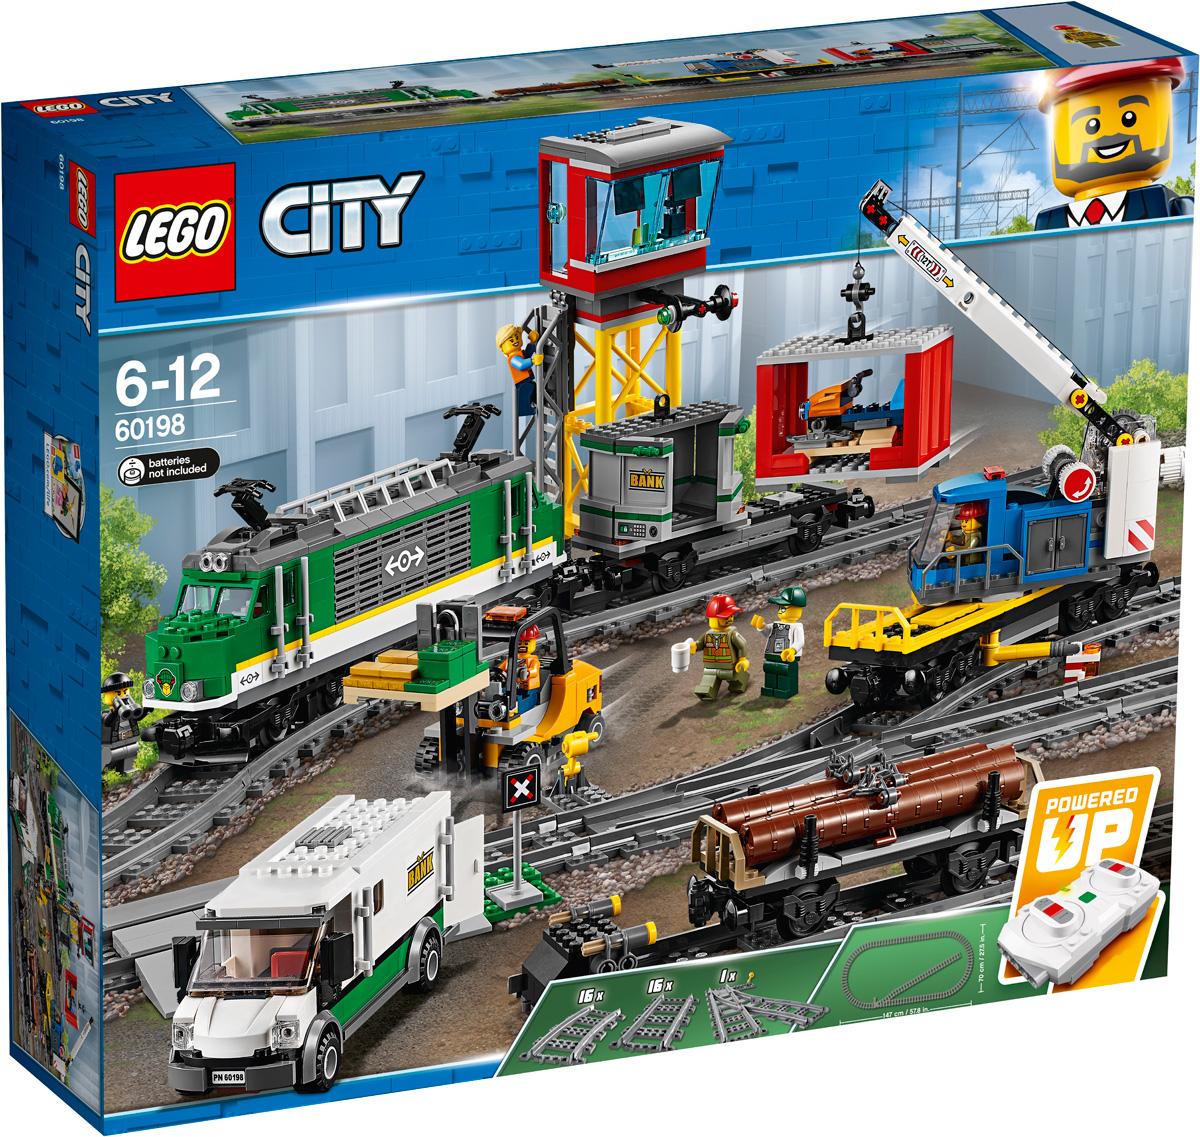 цена на LEGO City Trains 60198 Товарный поезд Конструктор